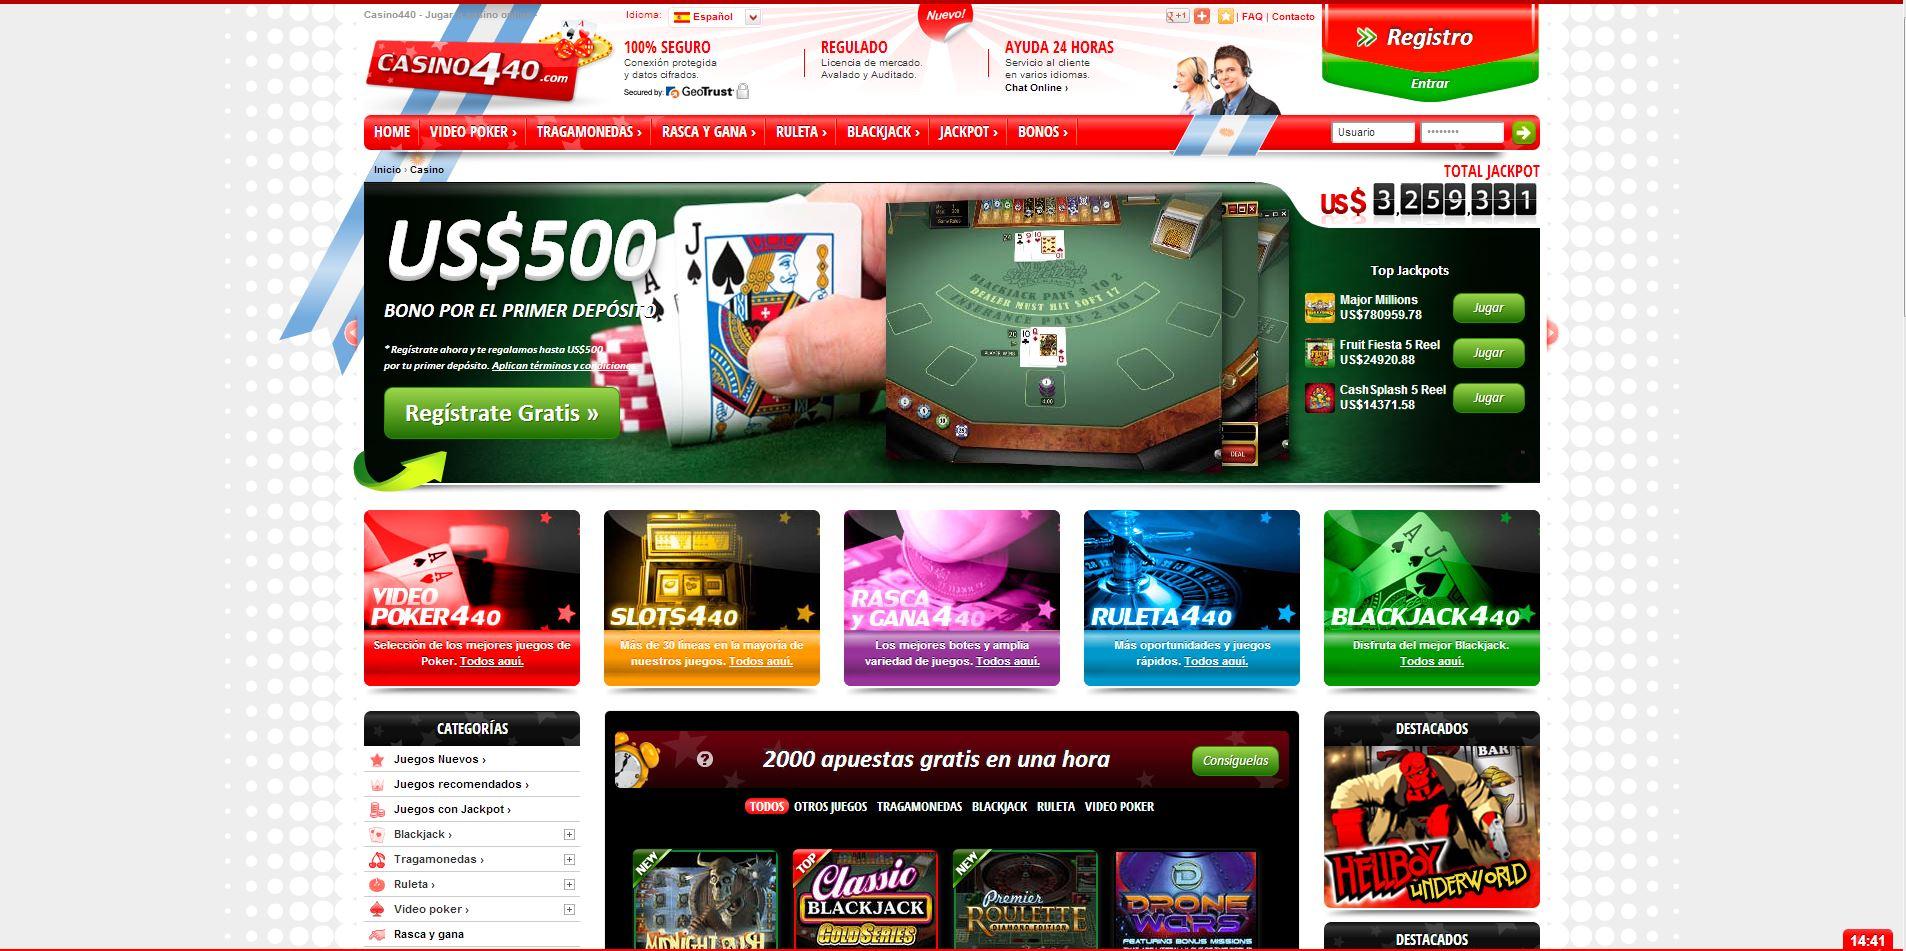 Casino 440